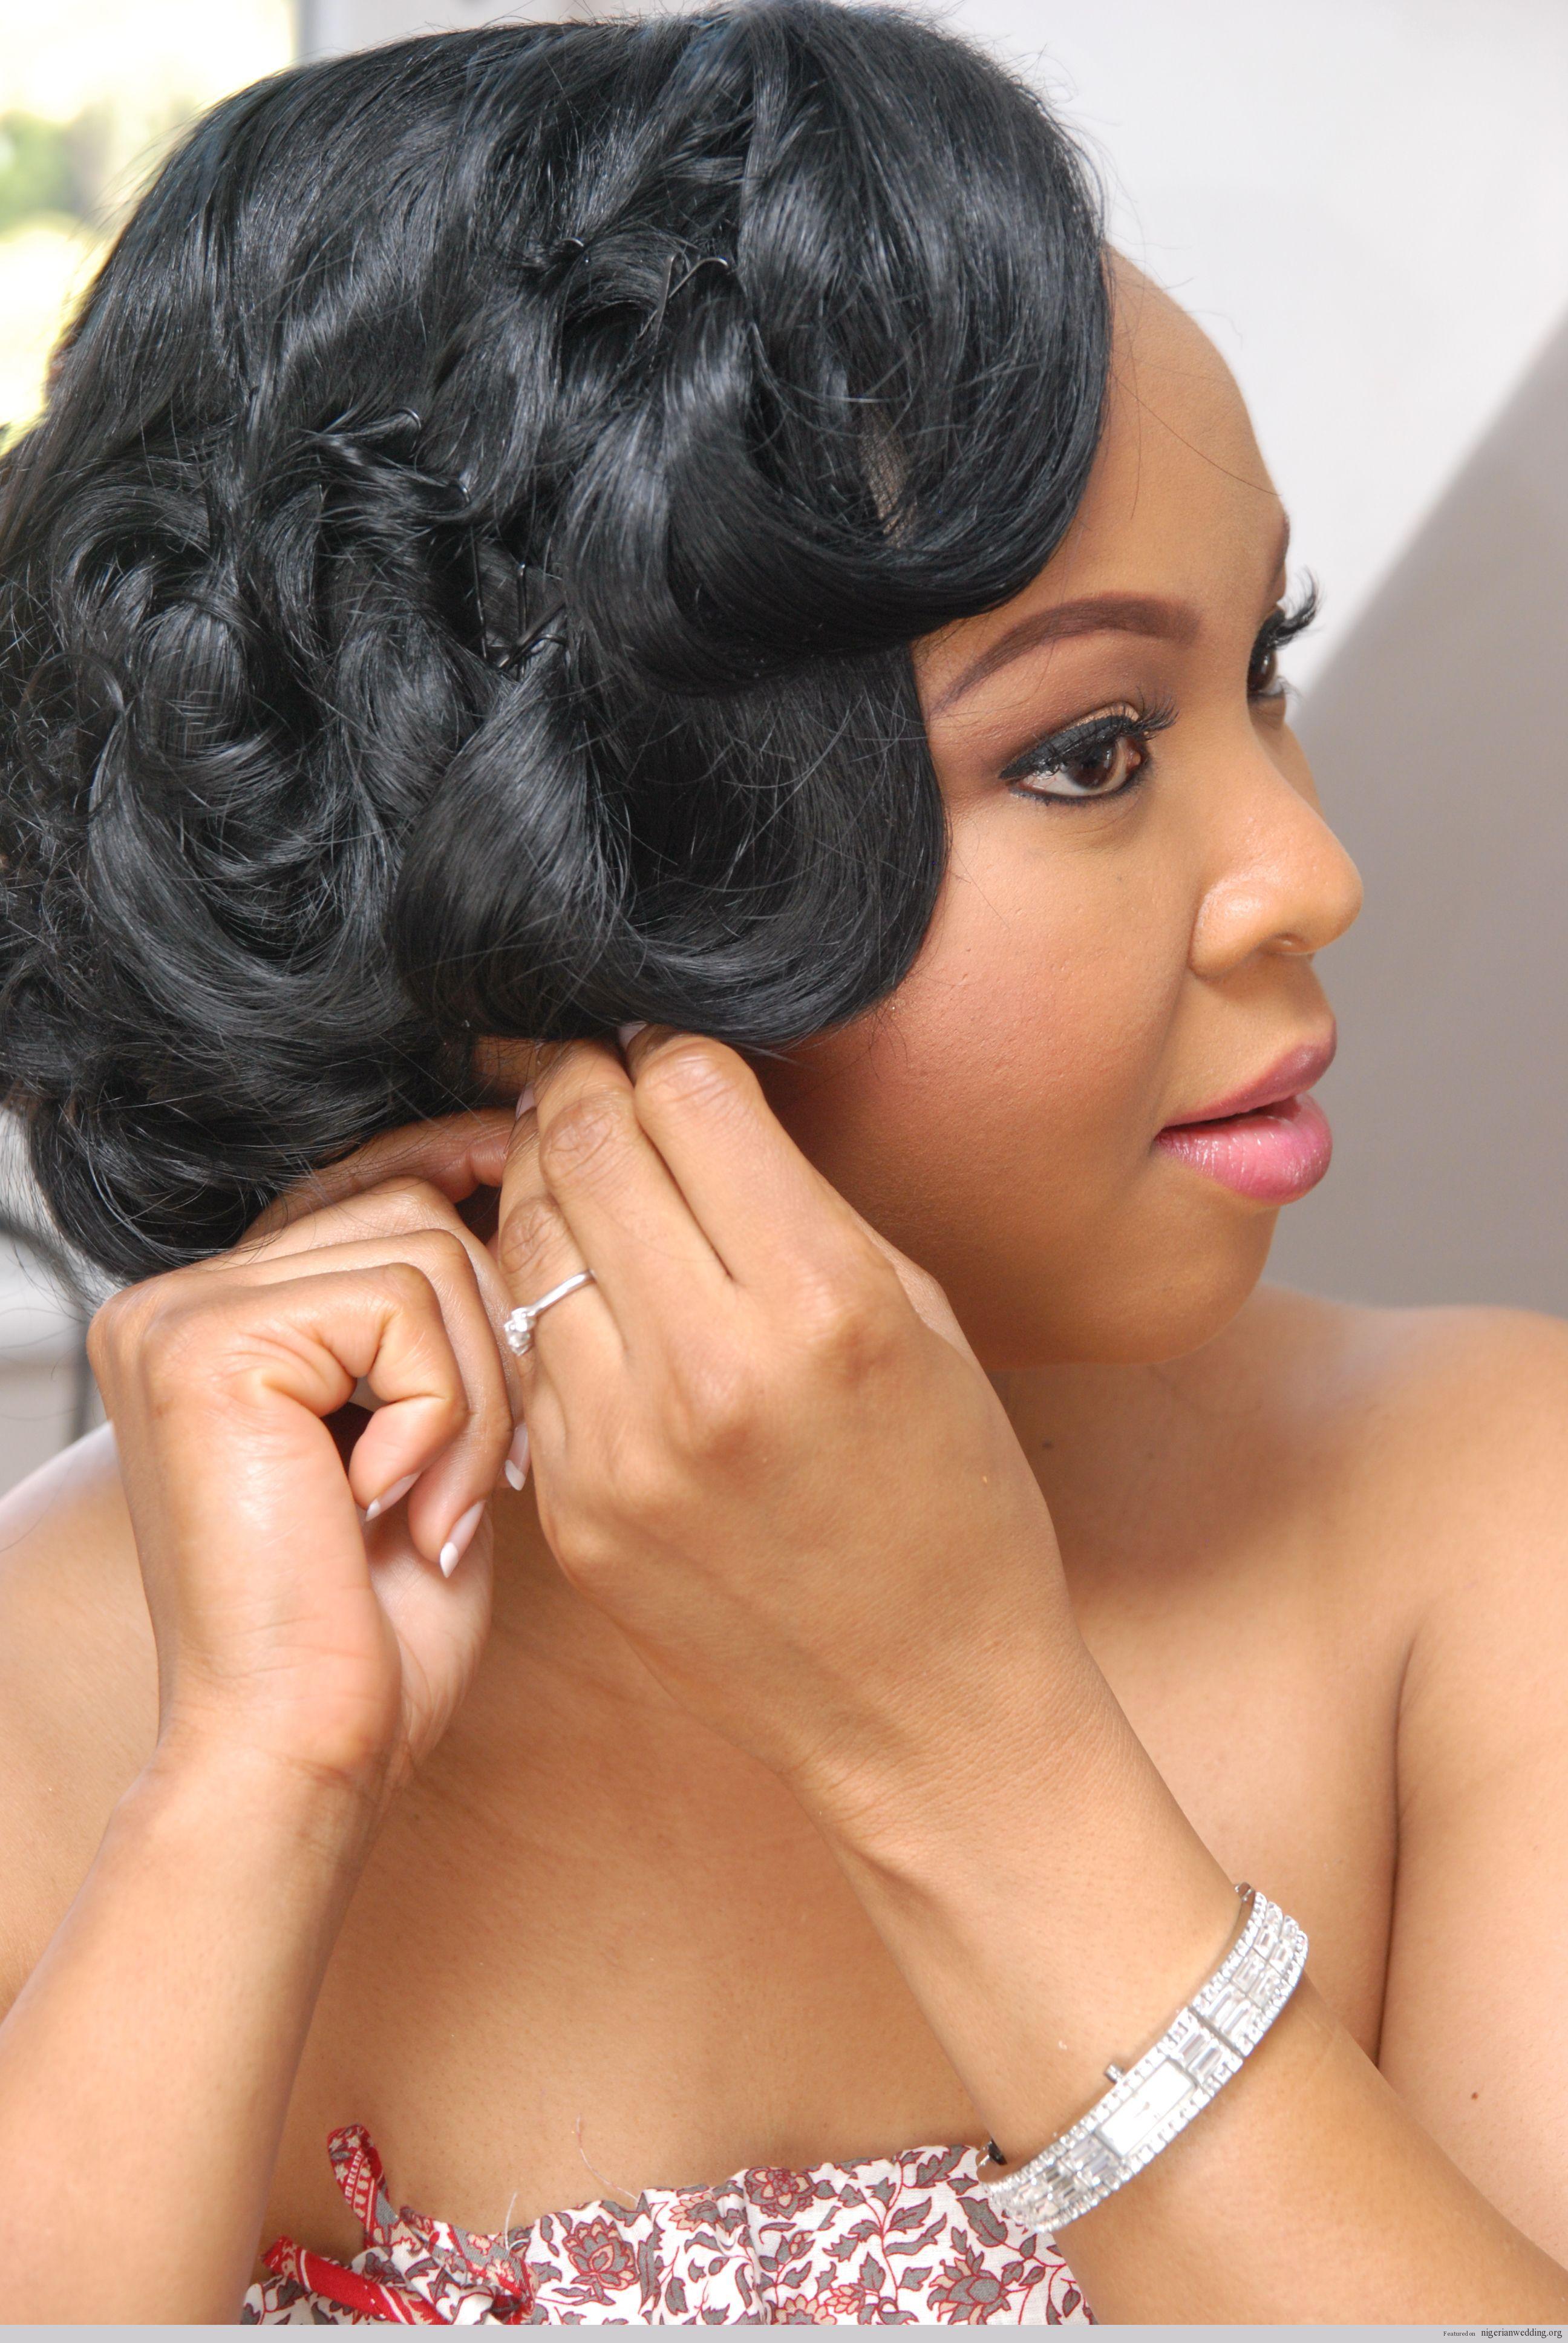 top 15 long black hairstyles you must see | pretties | black